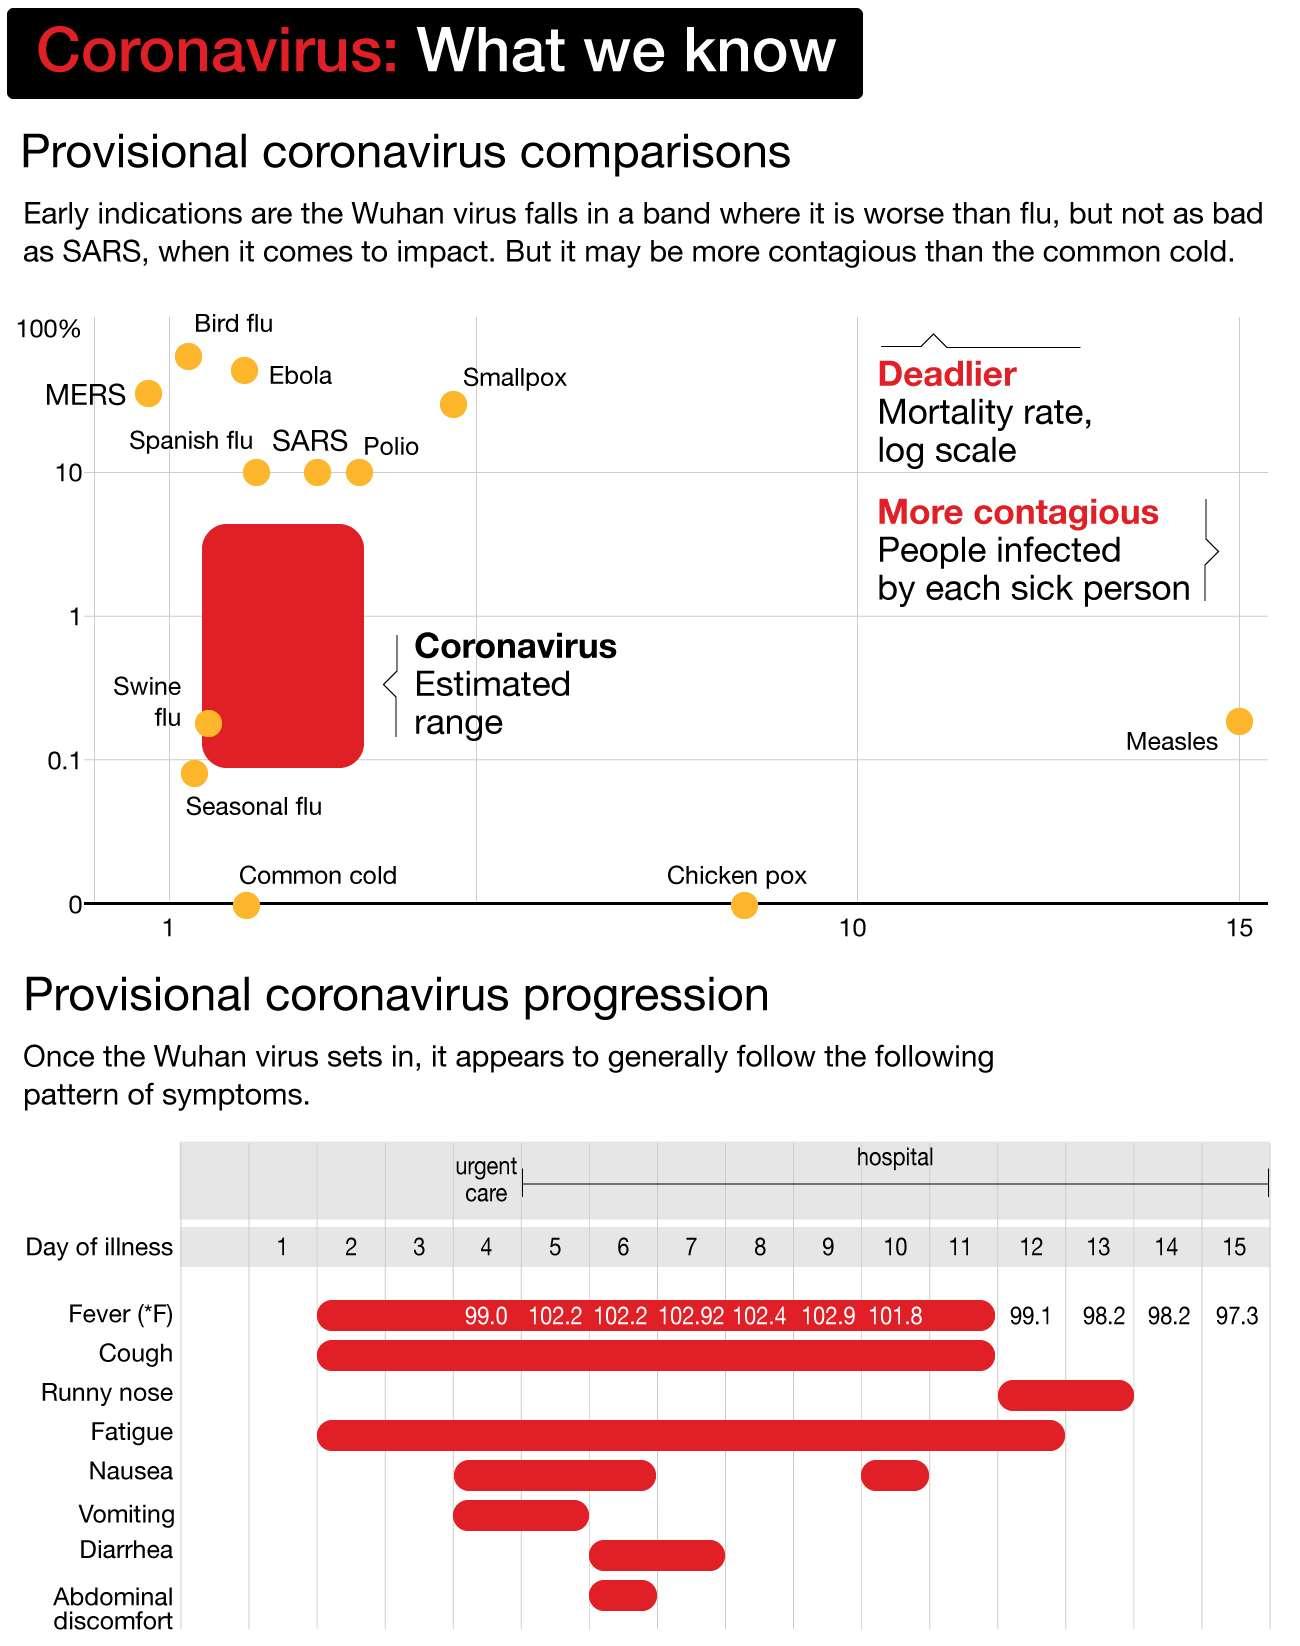 NED-1132-Coronavirus: What we know - 0